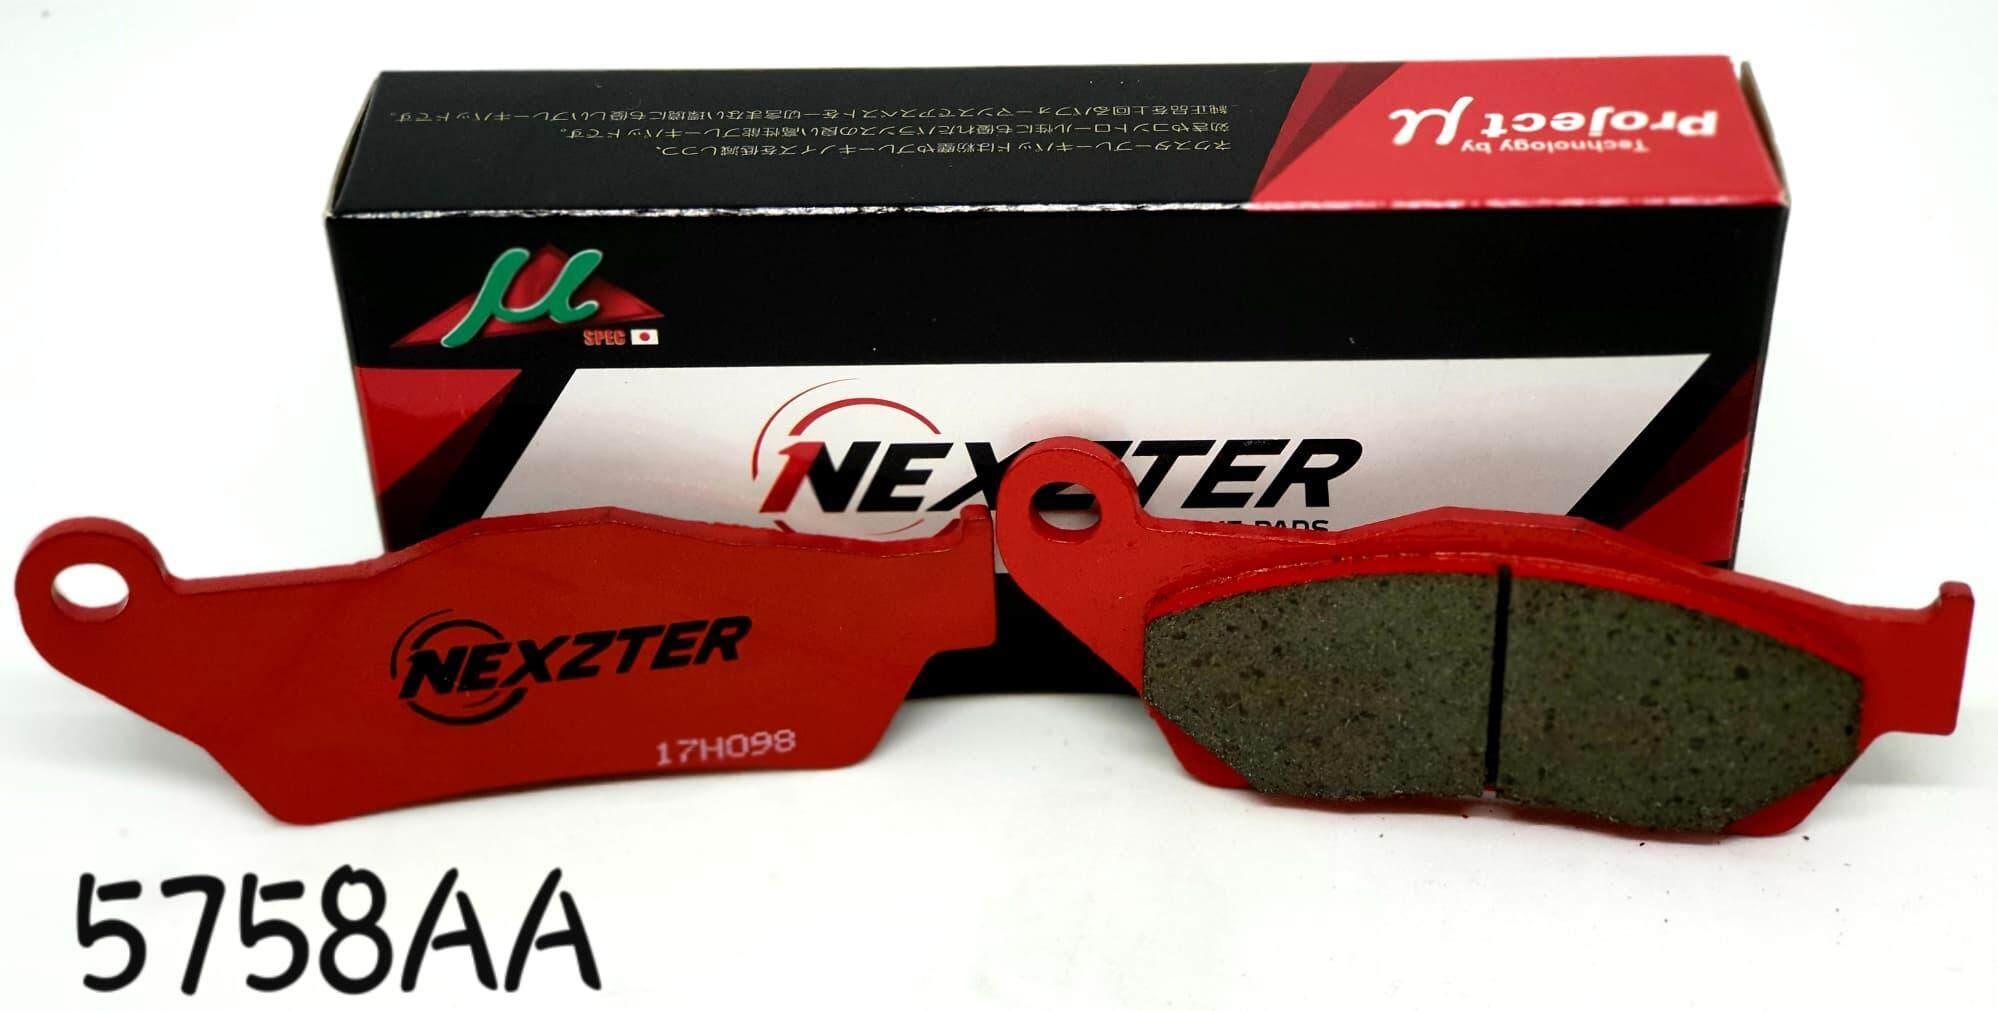 ผ้าเบรคnexzterหลัง Bmw S1000xr Ducati New Multistrada (y15) 1200 Dvt By Nexzter Brake.